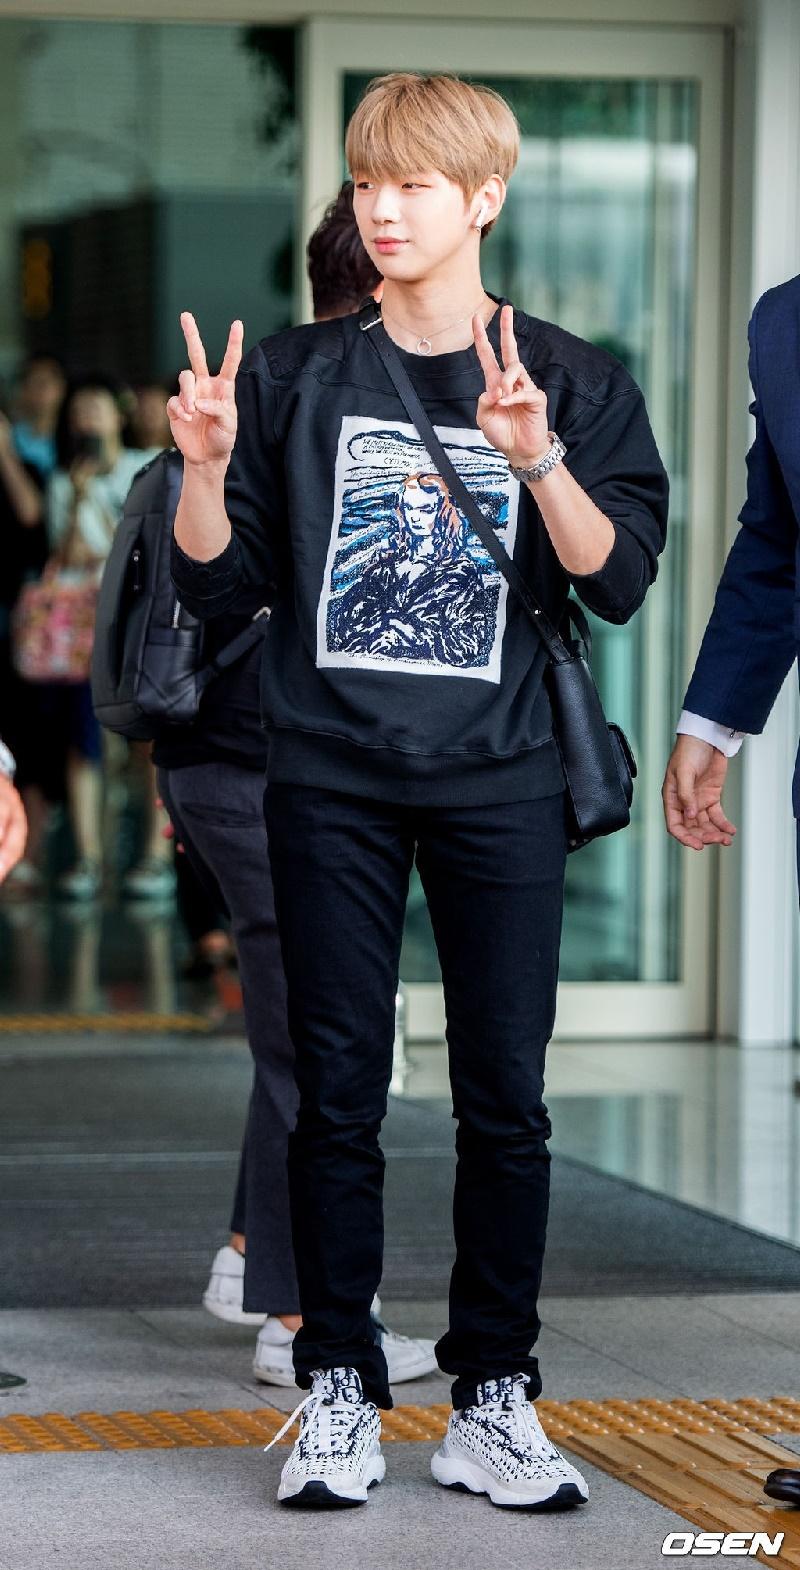 Top 4 nam thần tượng Kpop có thân hình đẹp nhất ngoài đời: Sehun (EXO) hệt như nam chính truyện tranh 14